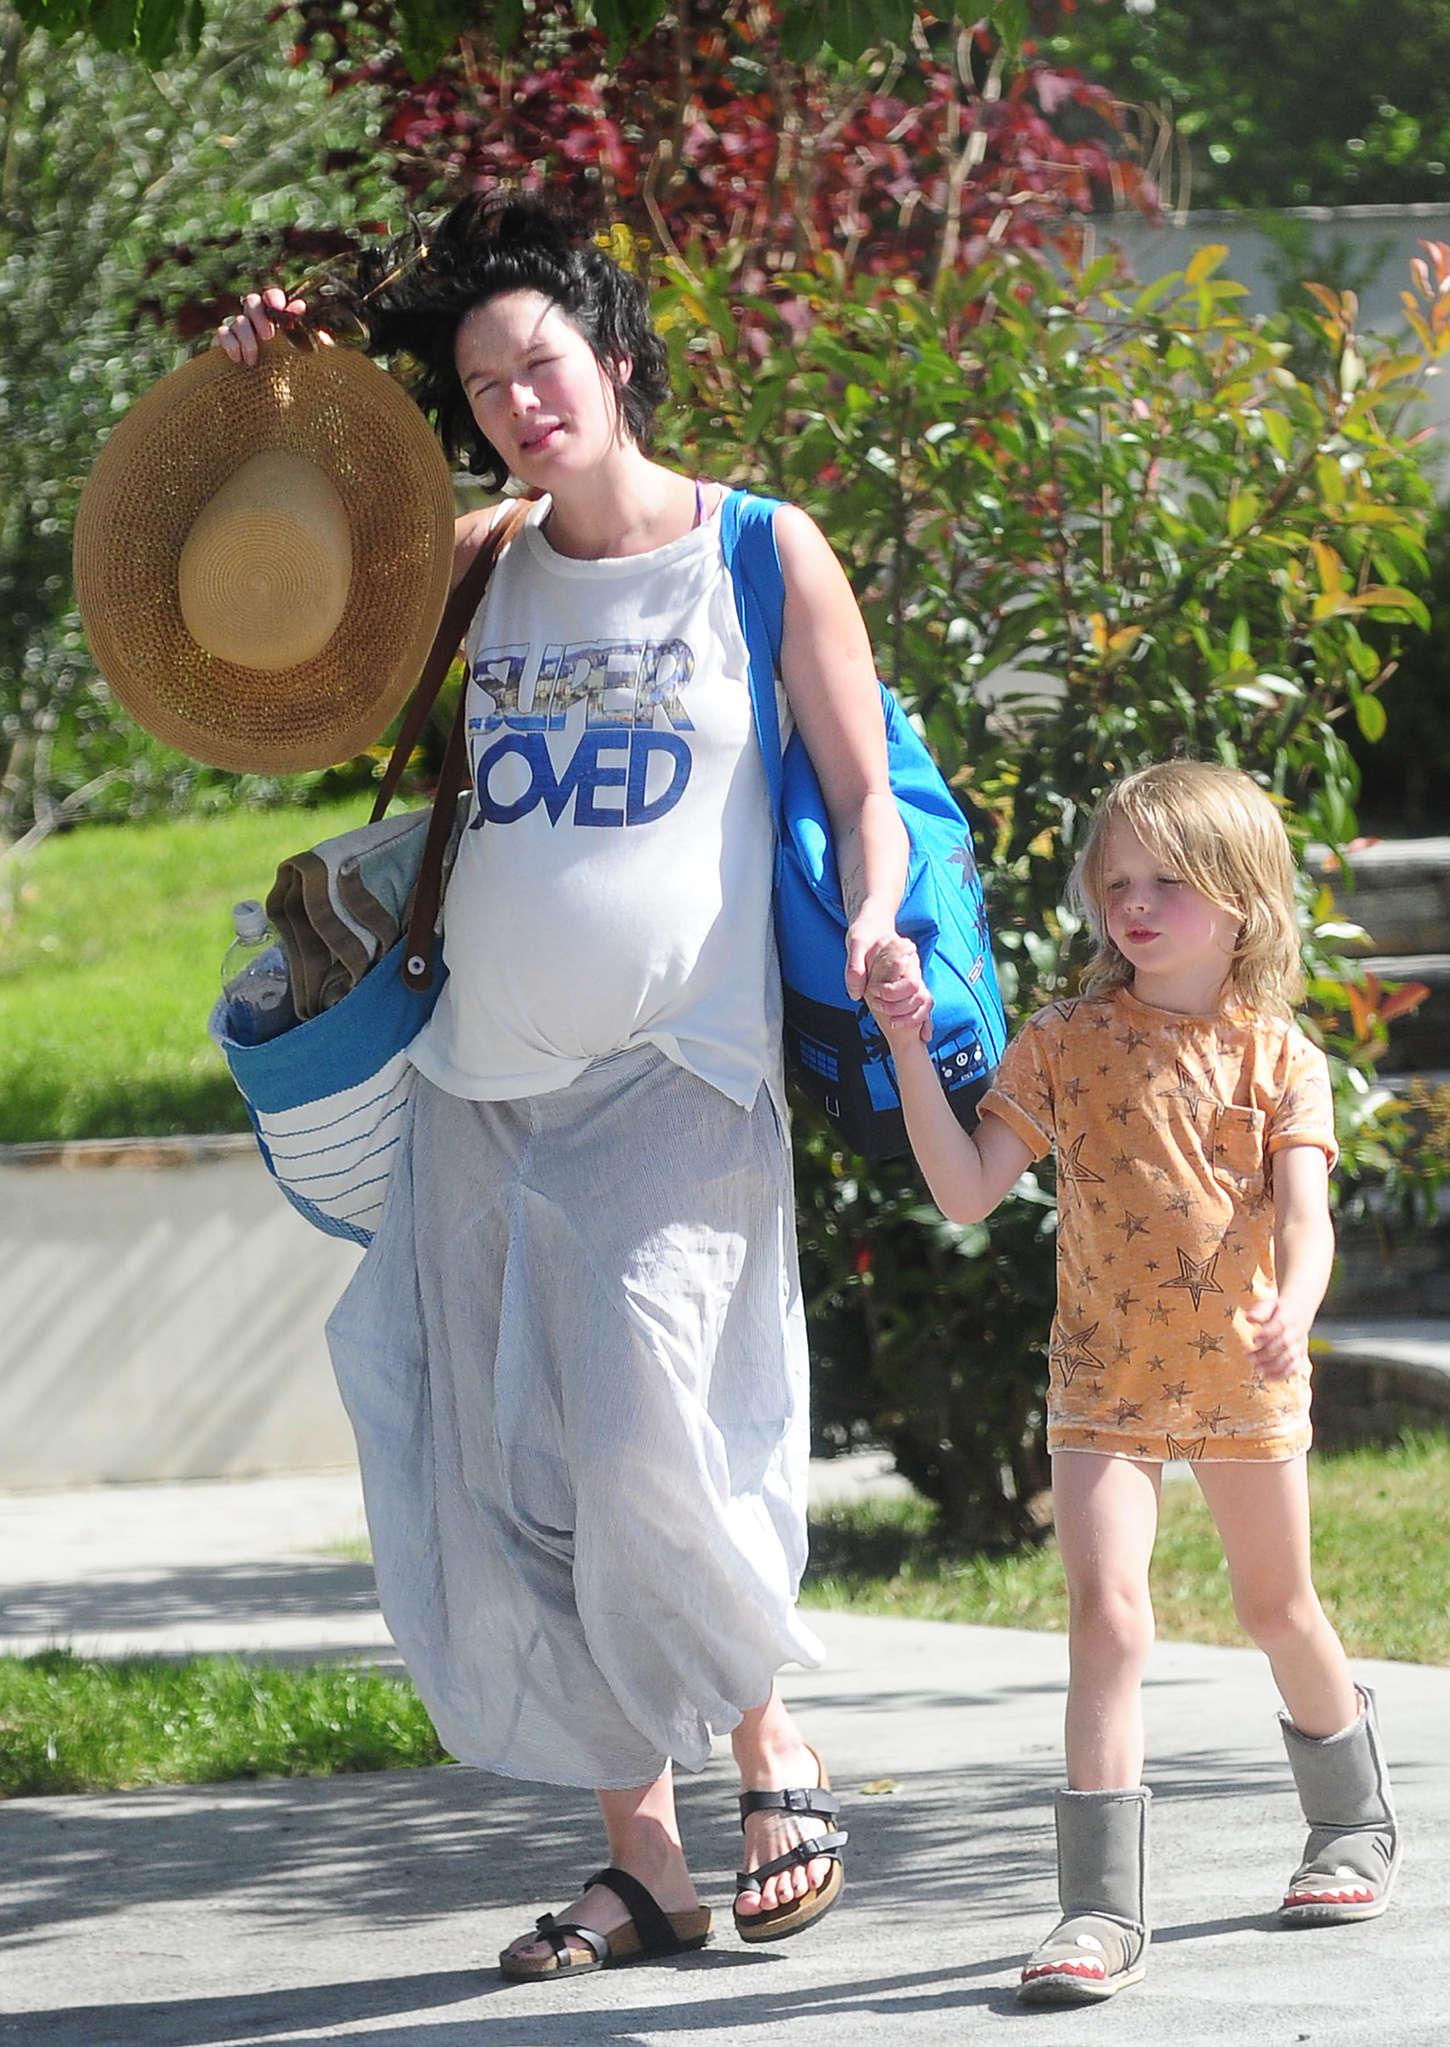 Lena Headey 2015 : Lena Headey: Leaving a pool party with her son -06